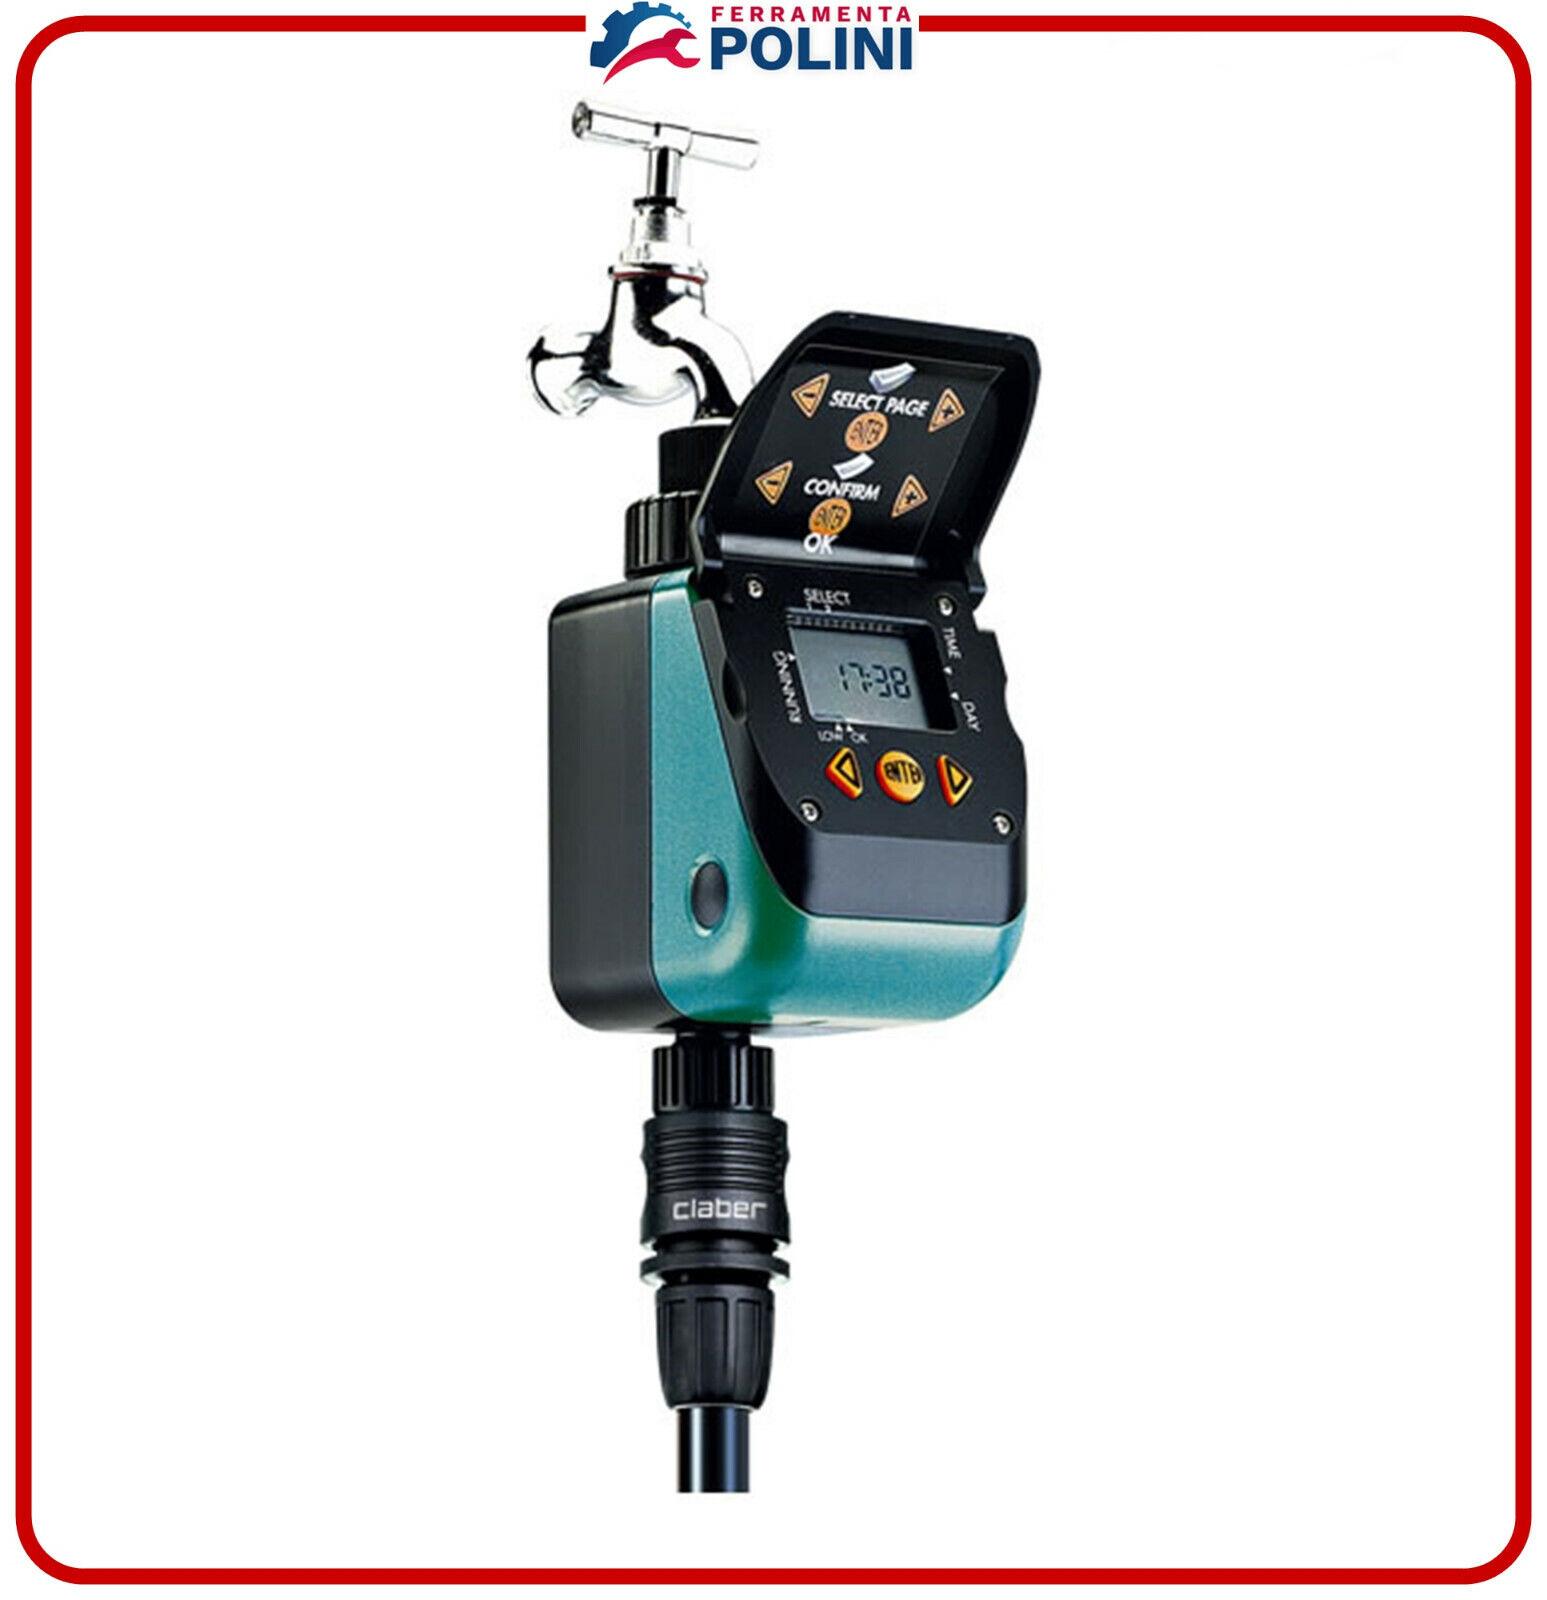 Claber 8412 Unidad de Control Programador Aquauno Video-2 Plus X Riego Jardín